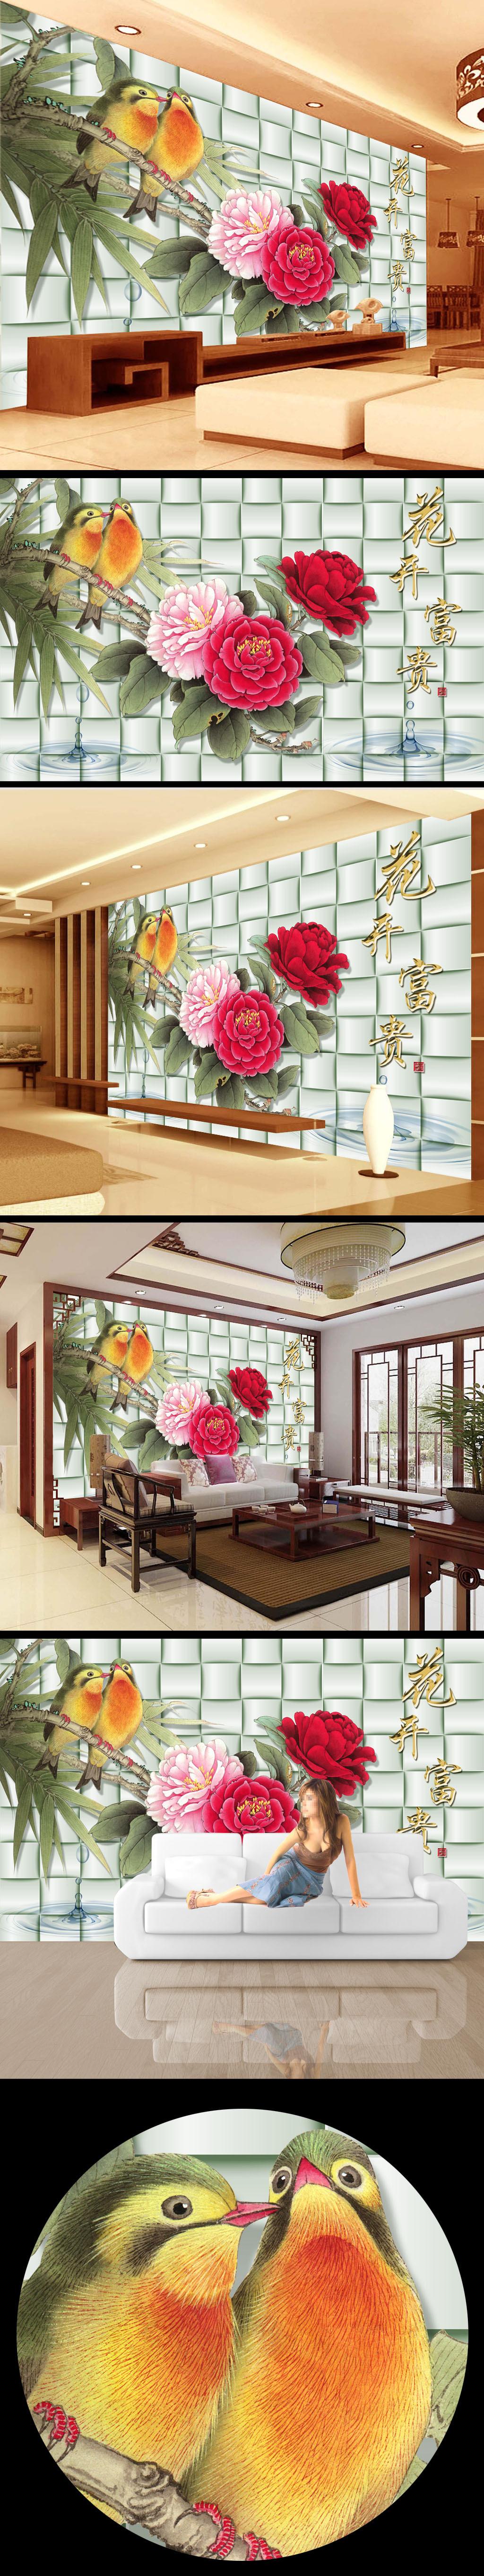 中国风花朵3d立体电视墙设计